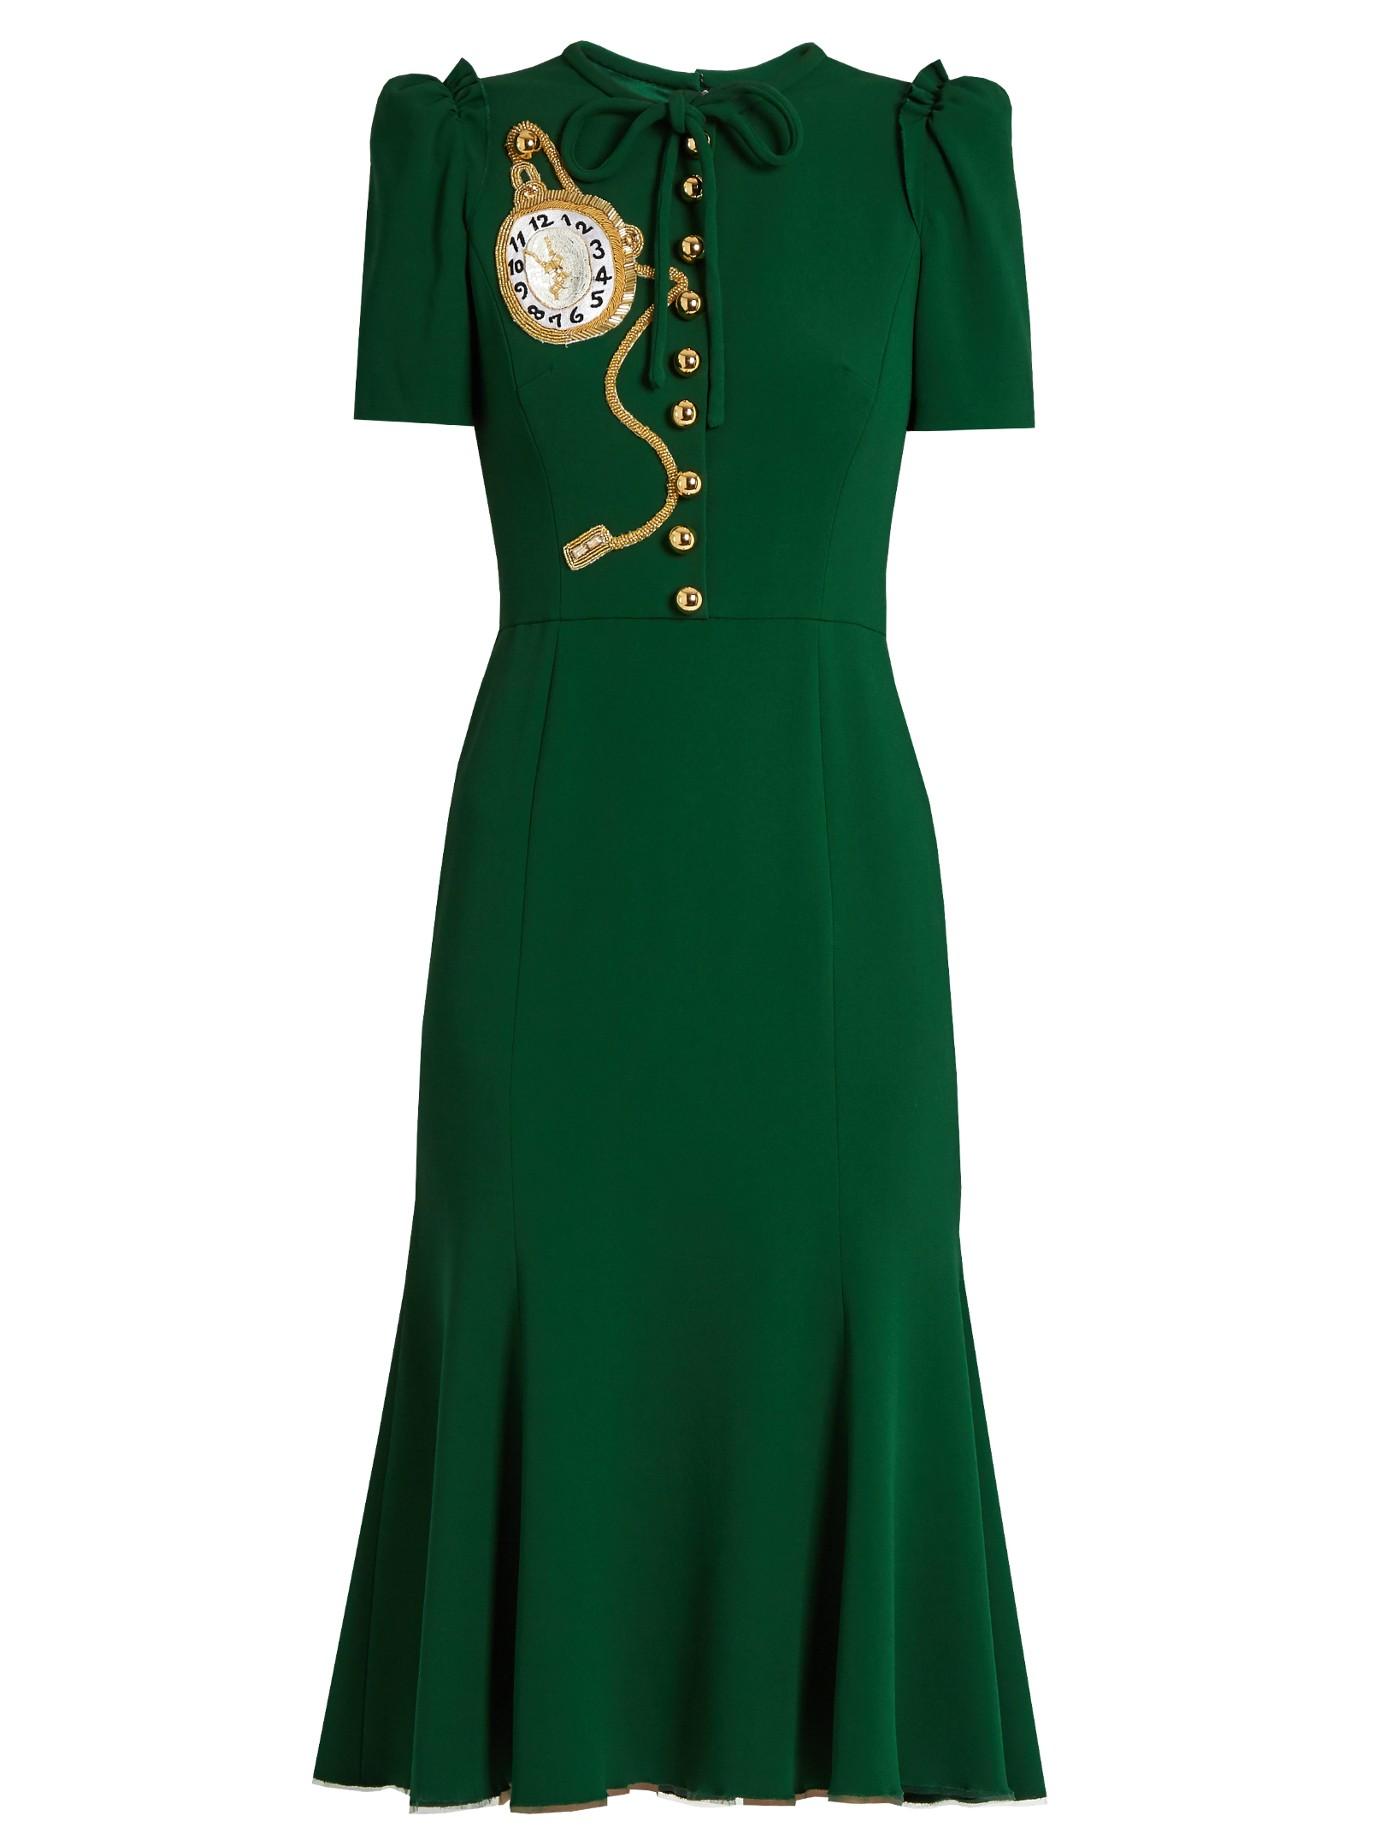 Kate Middleton wears a green D&G midi dress